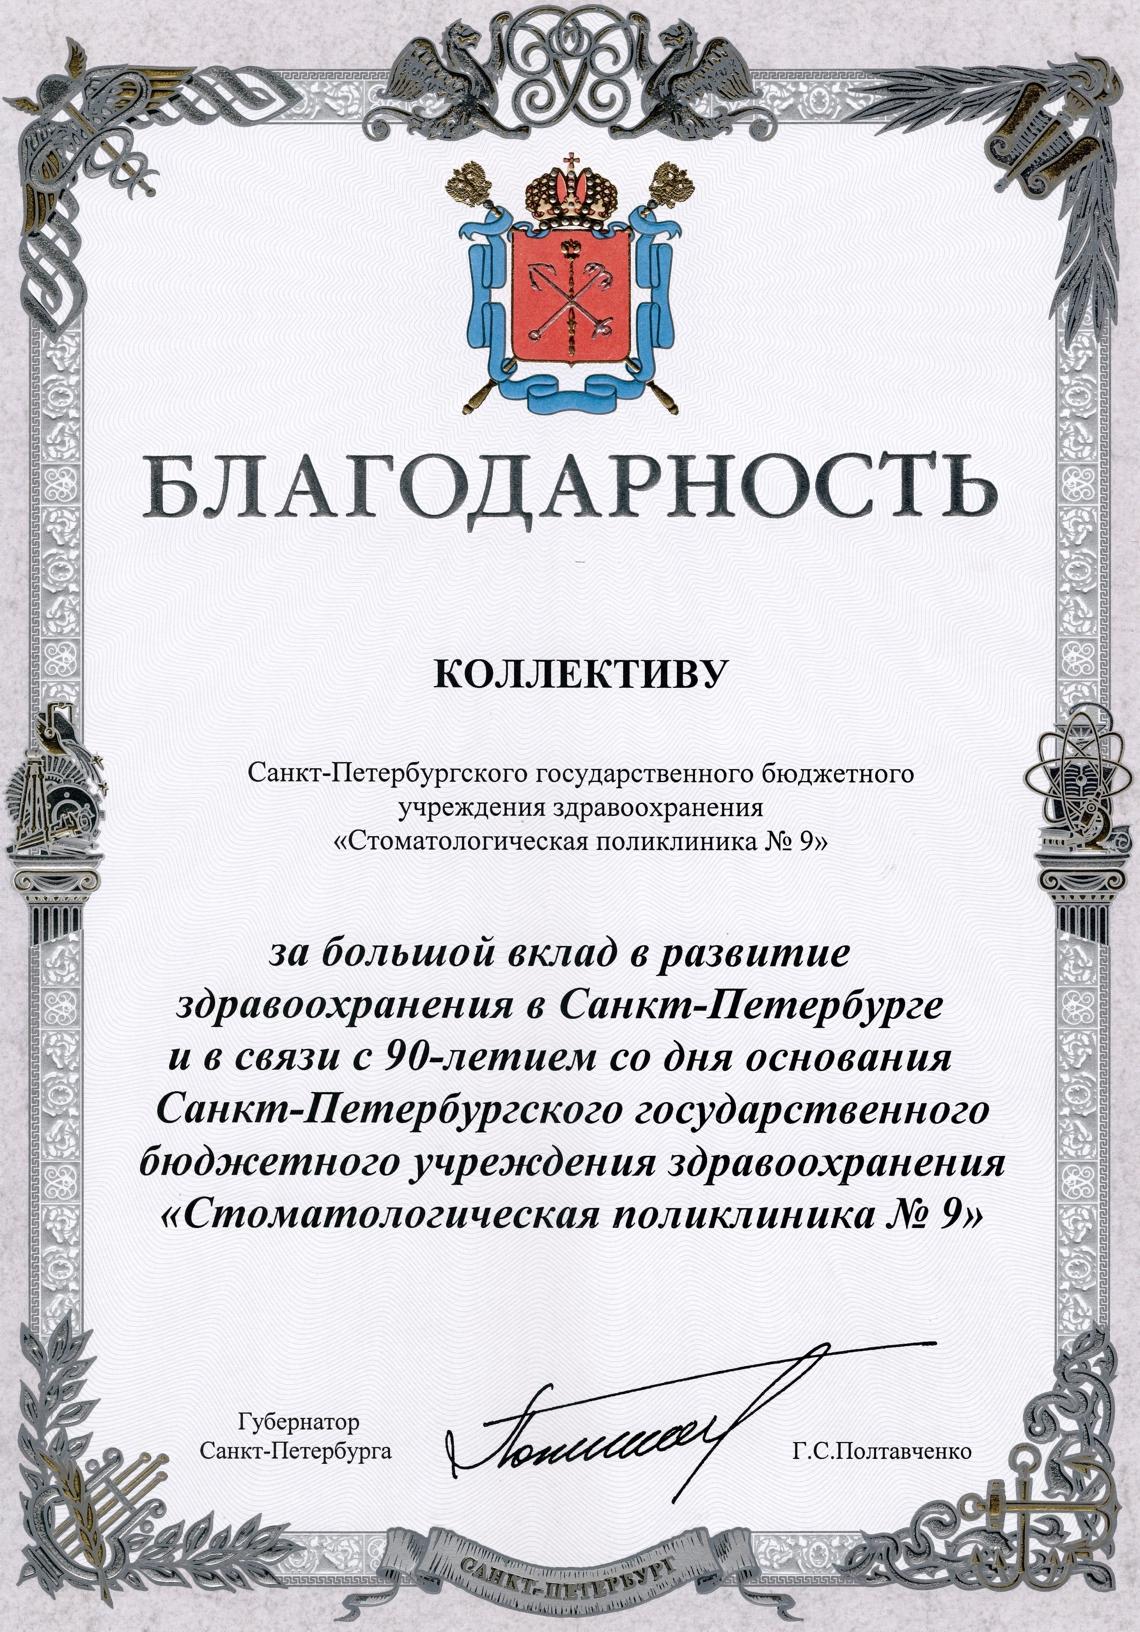 Благодарность 2018 от Полтавченко